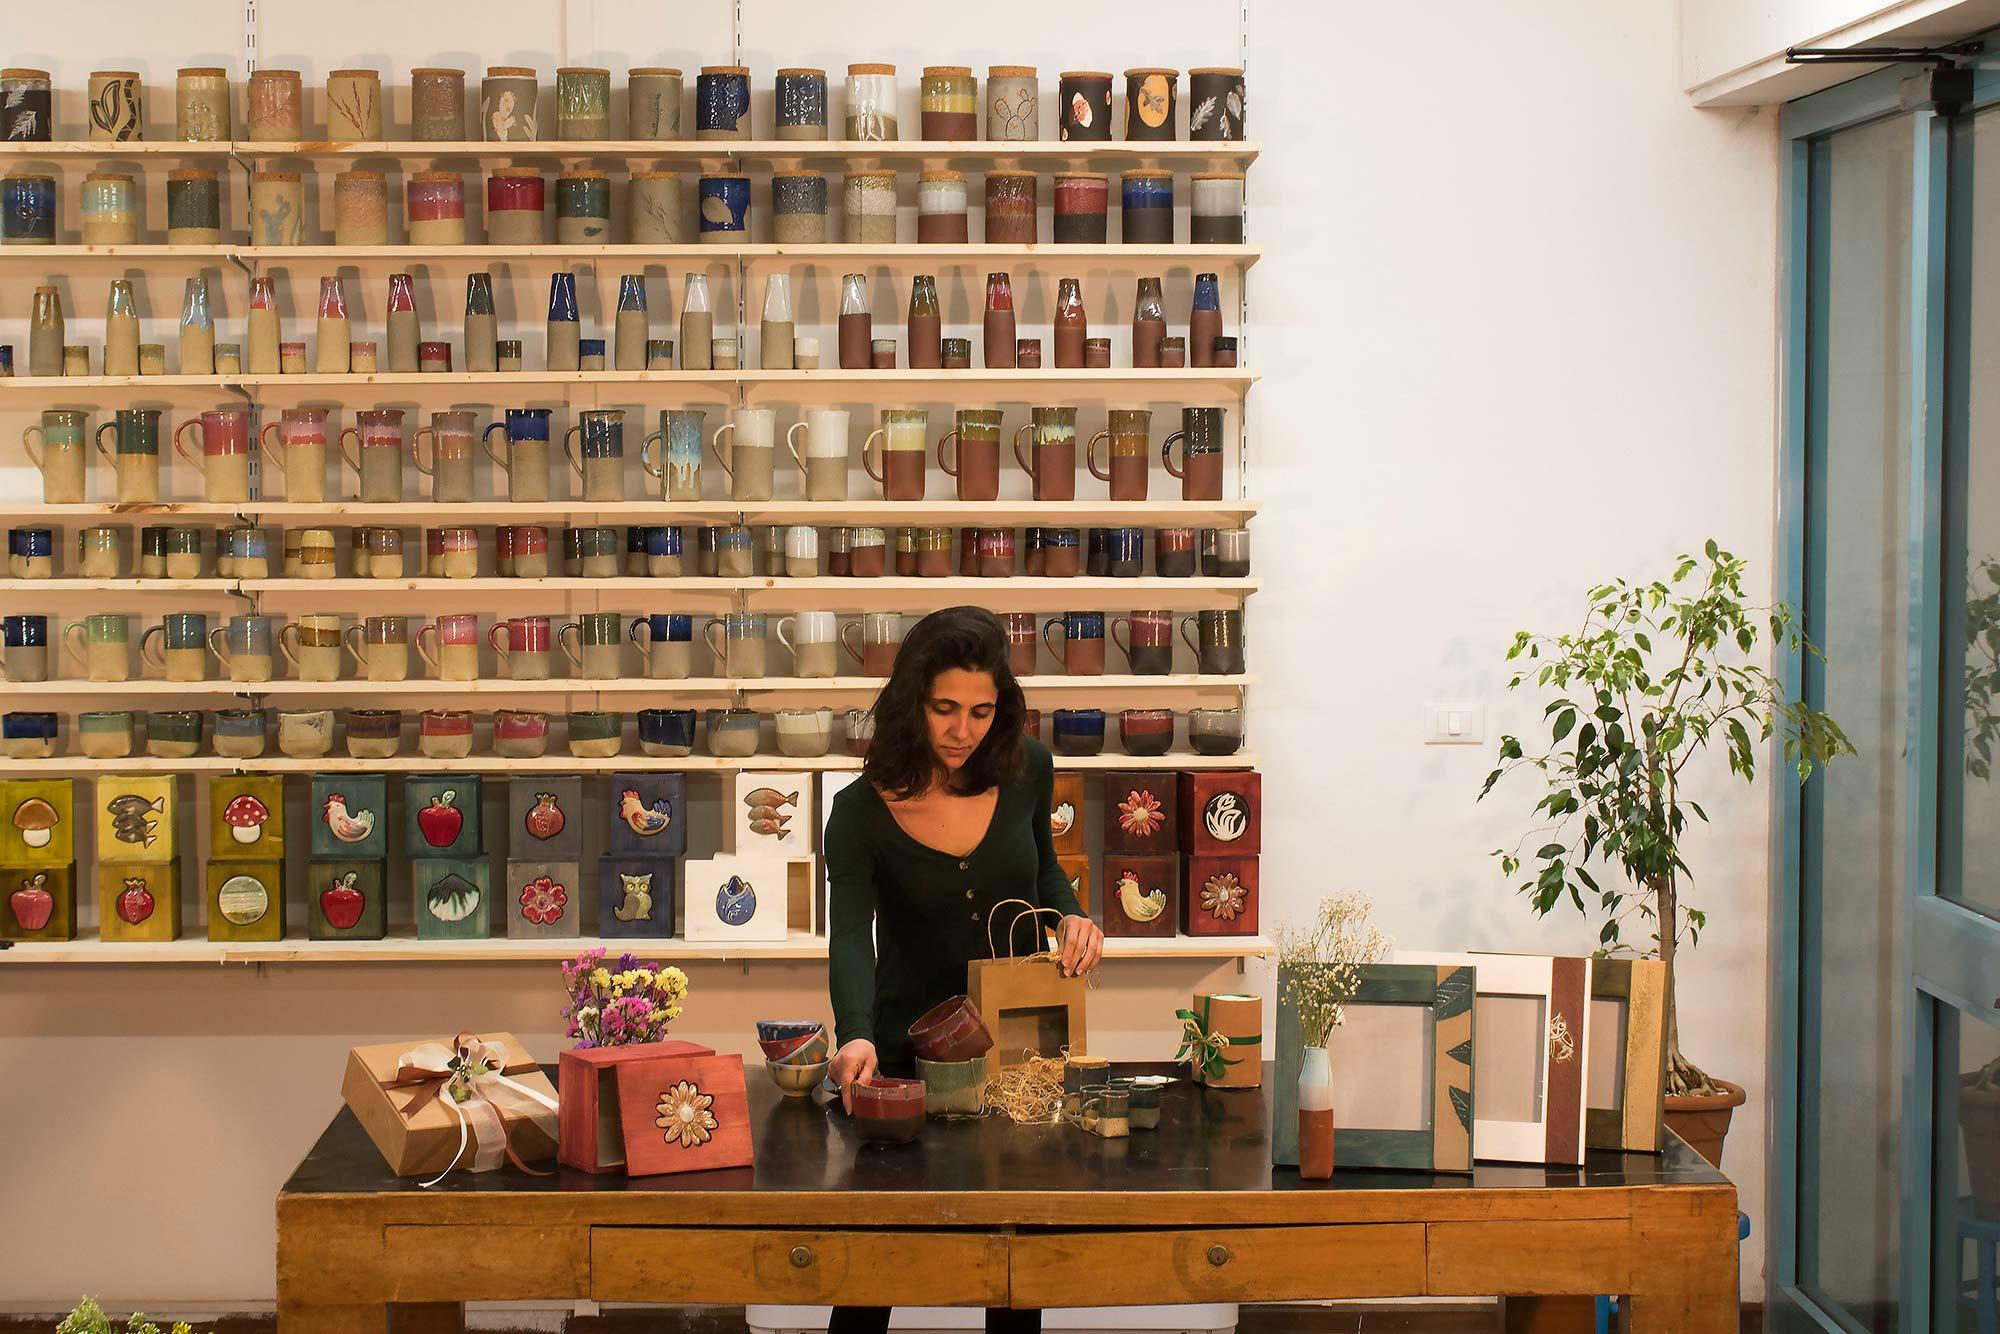 Laboratorio di Artigianato Sociale   rasformiamo le materie grezze in oggetti unici, realizzati dai nostri artigiani esperti, insieme alle persone di cui ci occupiamo.